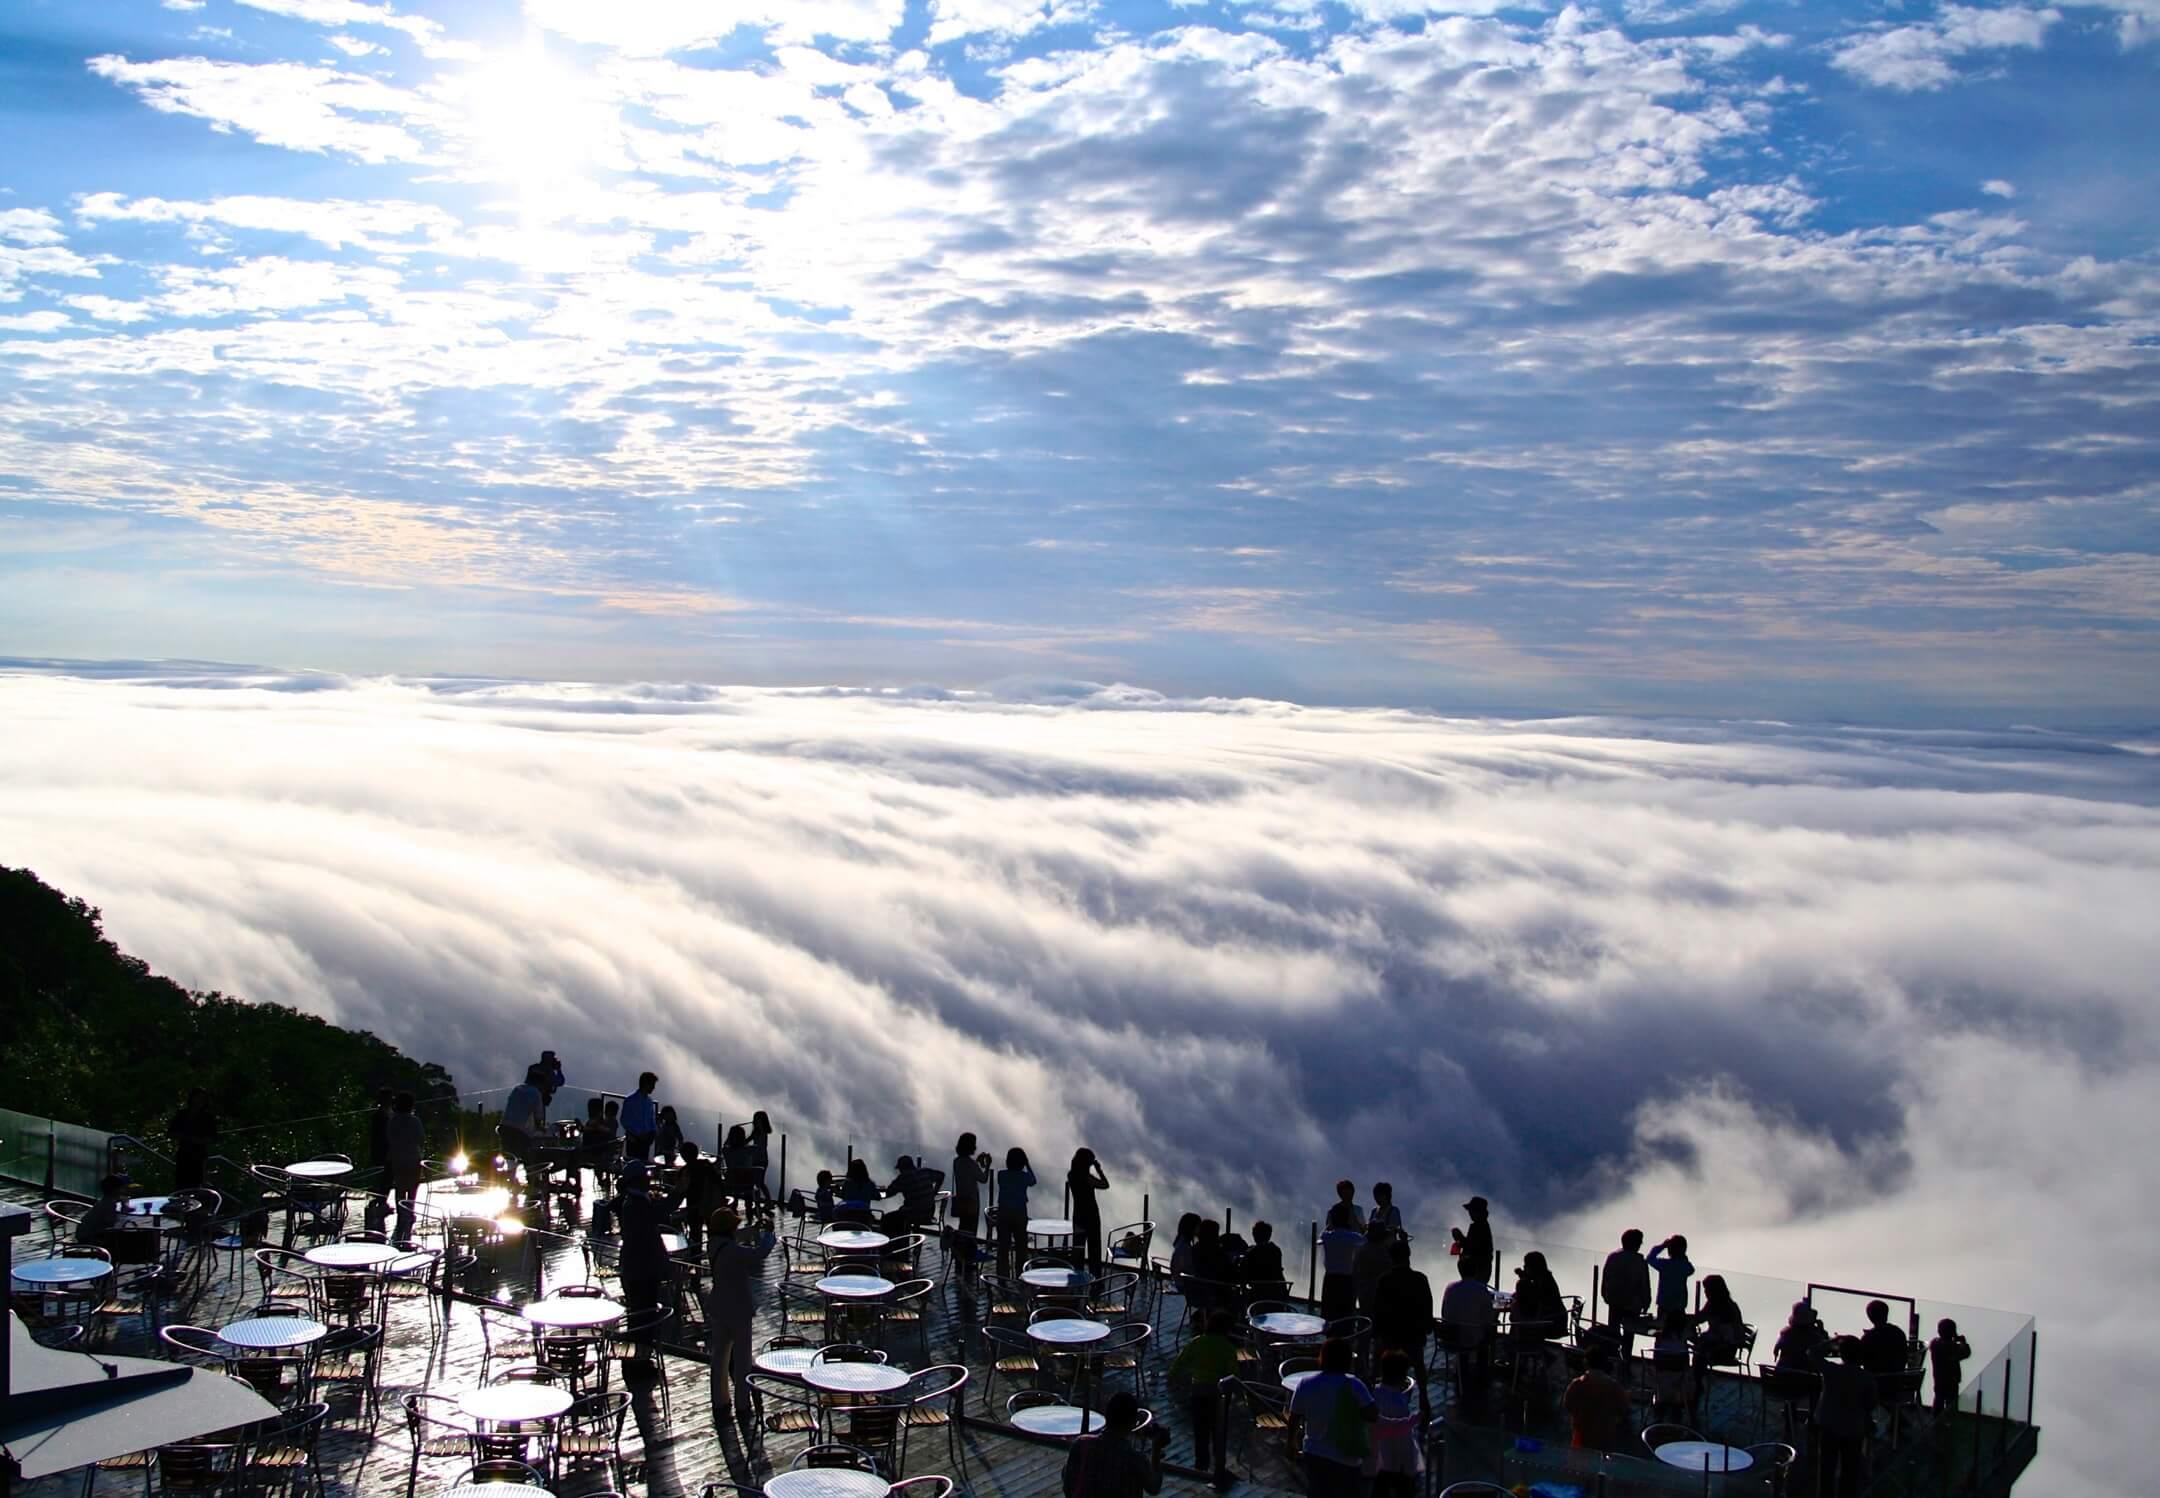 星野リゾート トマム】眼下に広がる絶景を眺める雲の上の特等席 「雲海 ...